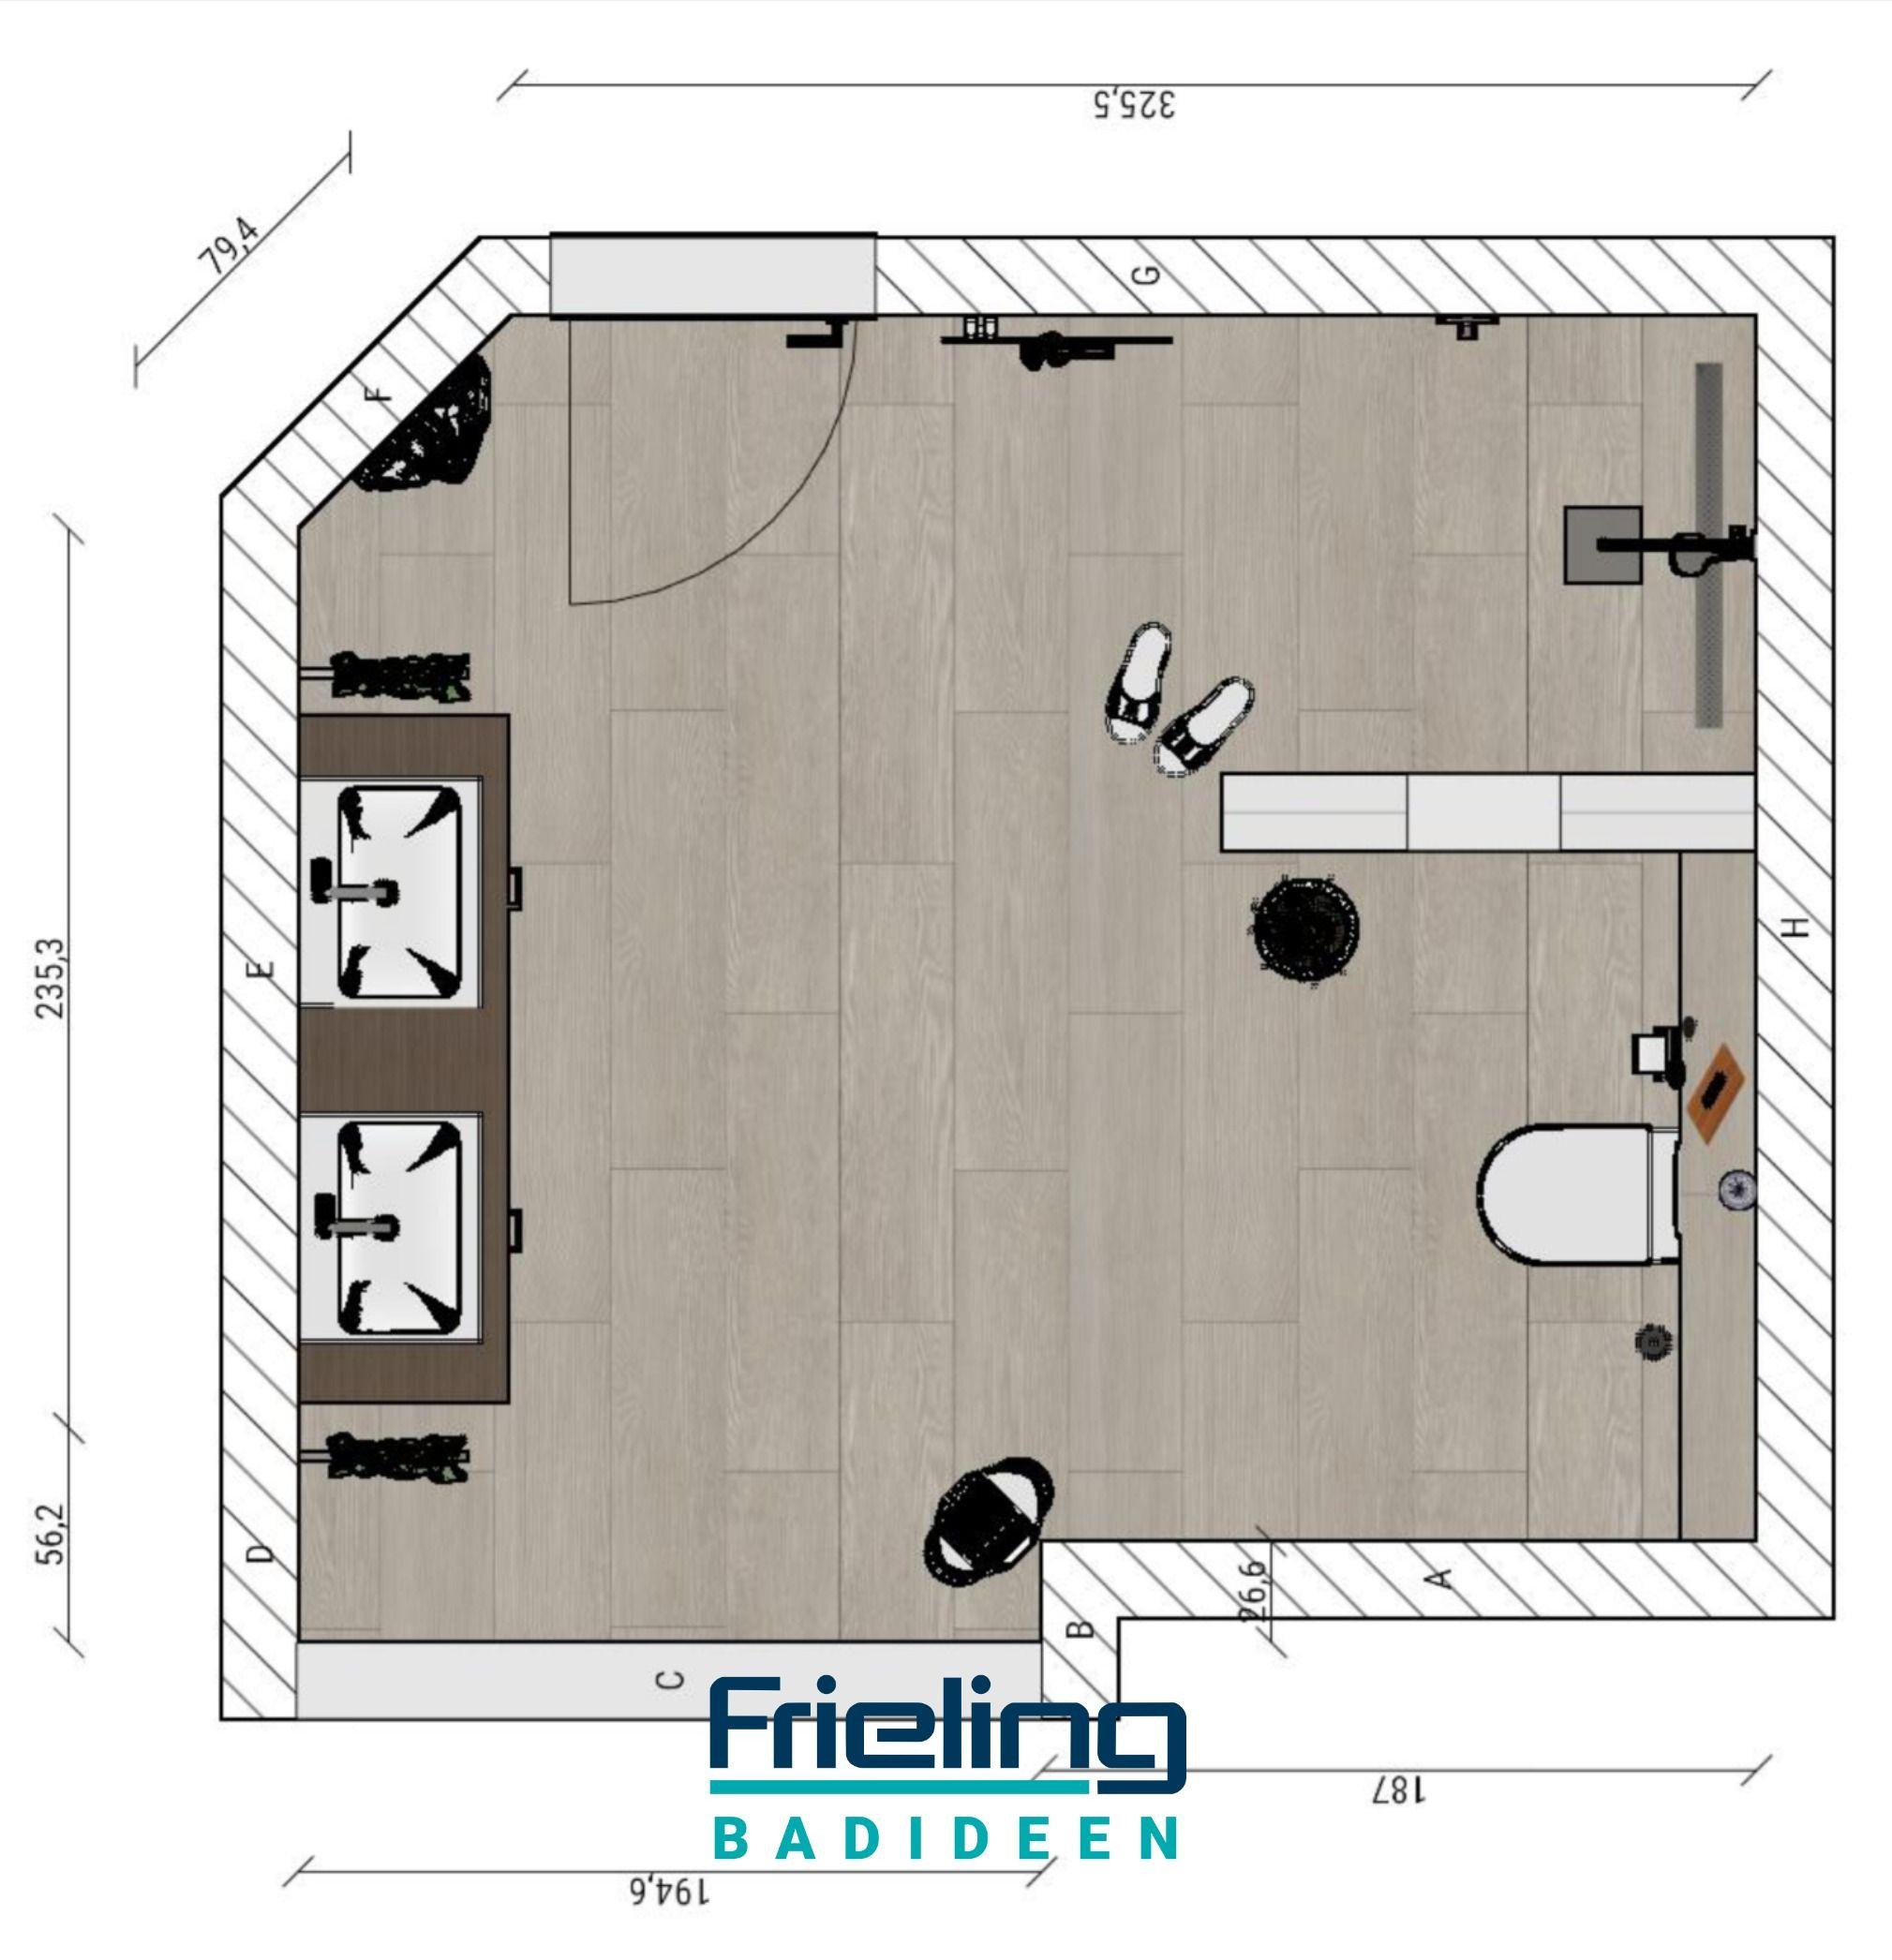 Familienbadezimmer Im Dachgeschoss Schragen Nischen Nutzen 13 Qm Modernes Bad Mit Viel Platz In 2020 Bad Mit Dachschrage Bad Badezimmer Grundriss